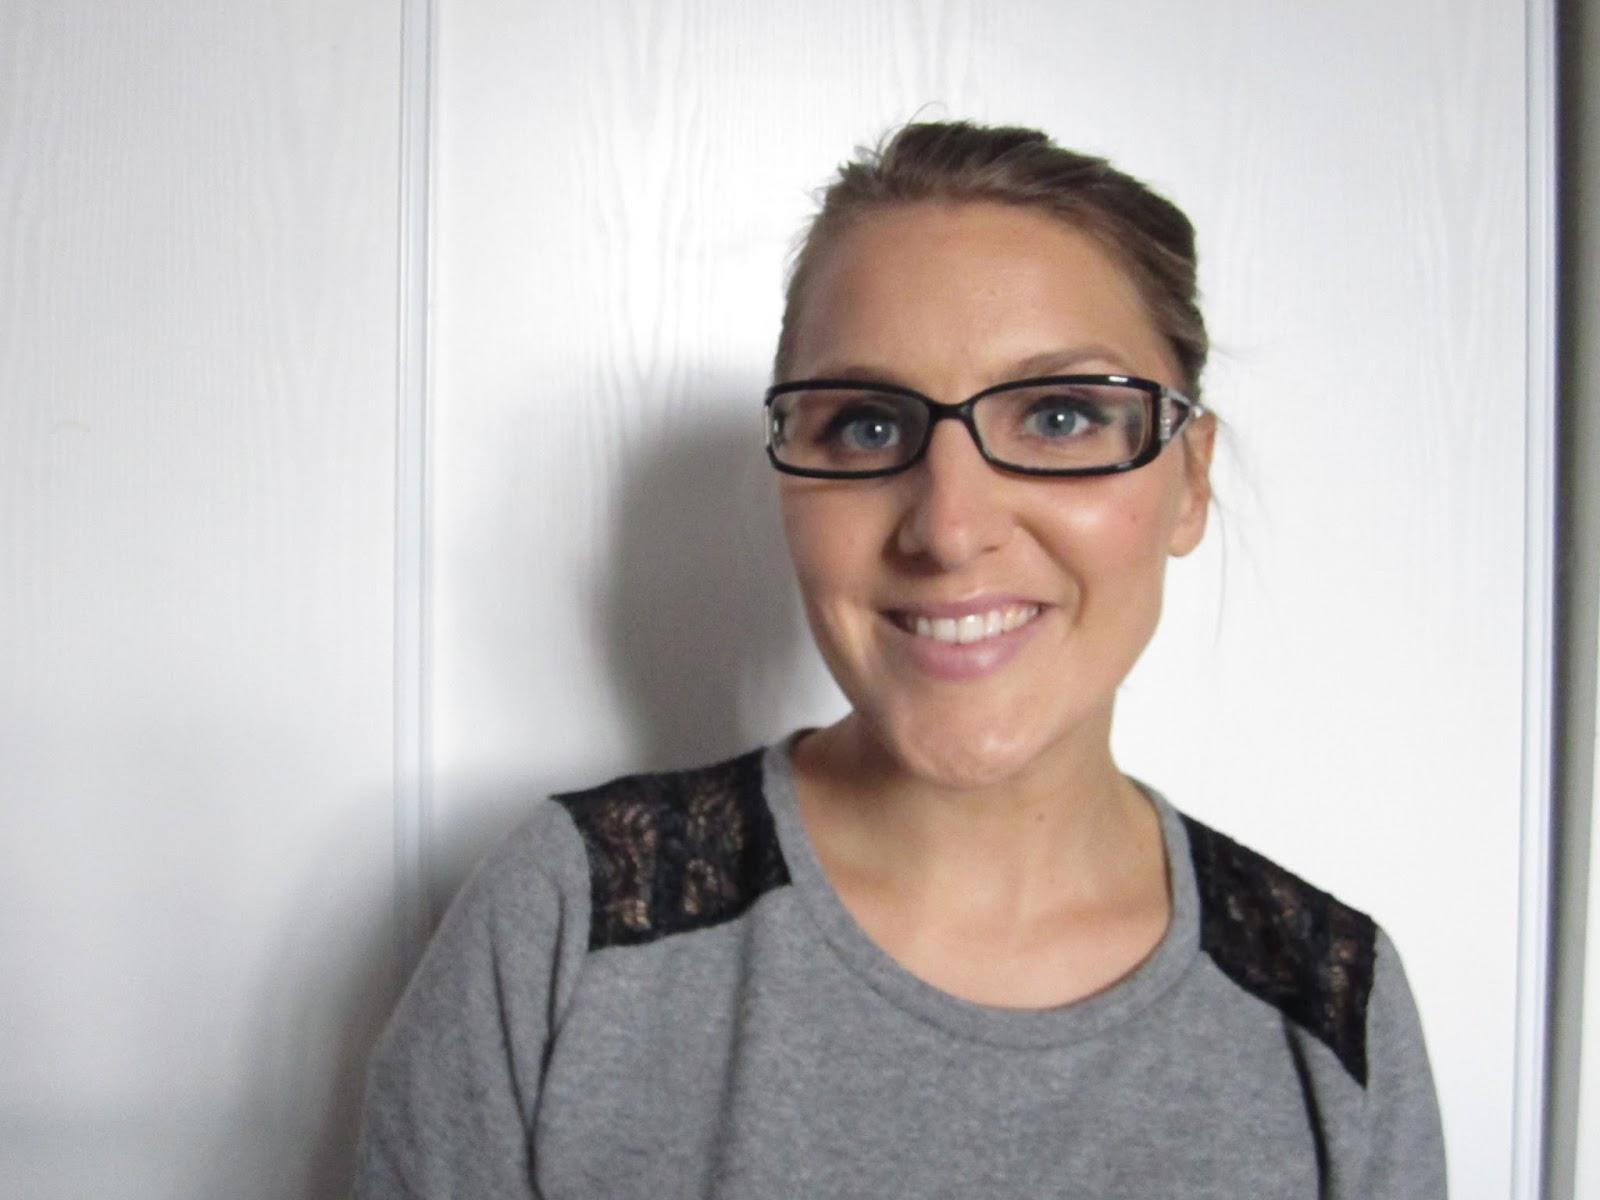 mylene le blog quel maquillage faire lorsque l 39 on porte des lunettes. Black Bedroom Furniture Sets. Home Design Ideas